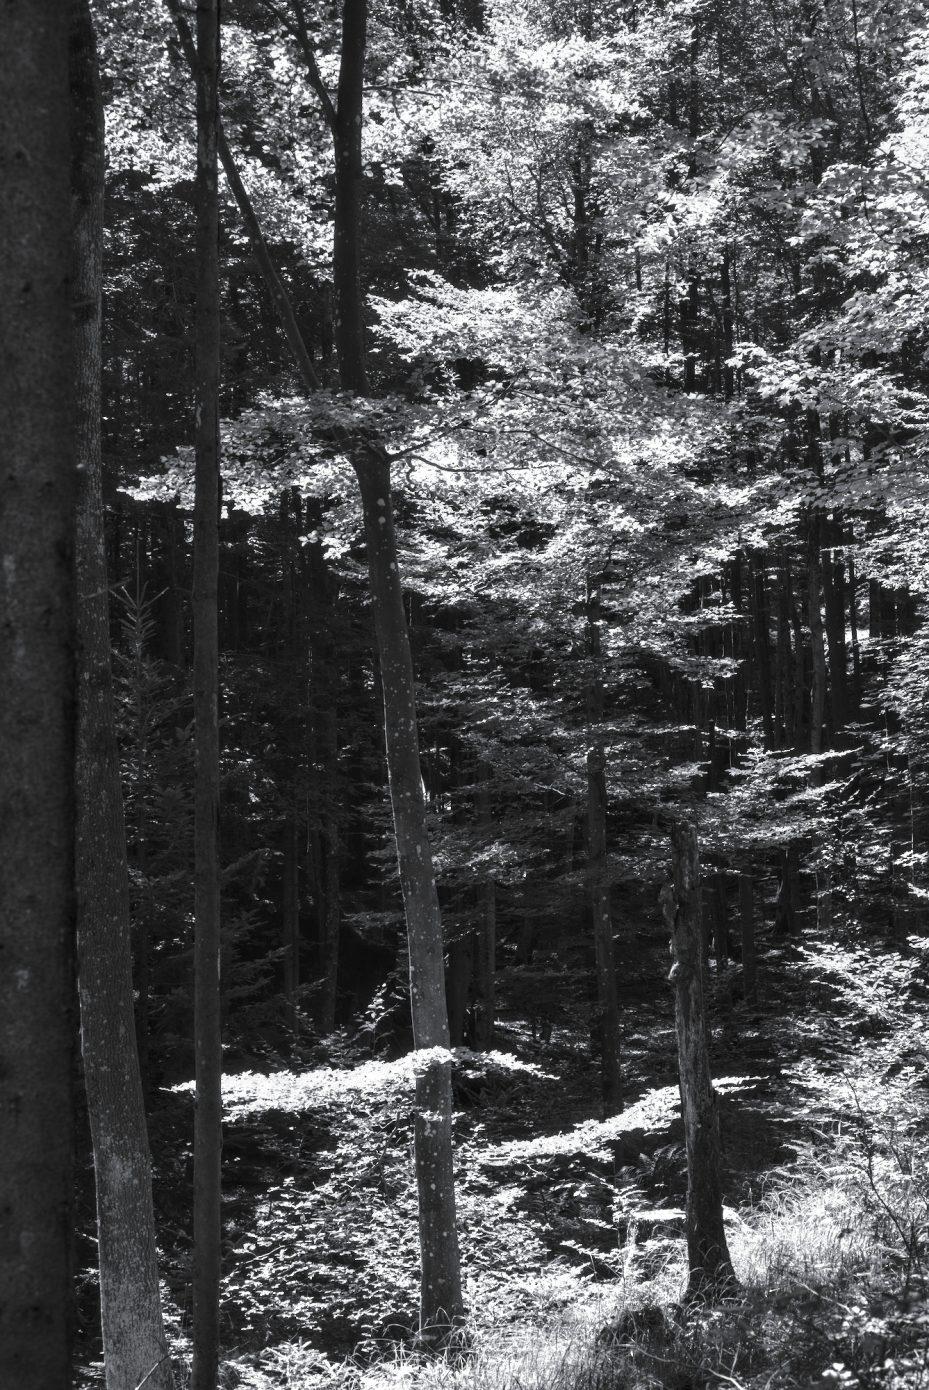 Cascades_of_Light.jpg